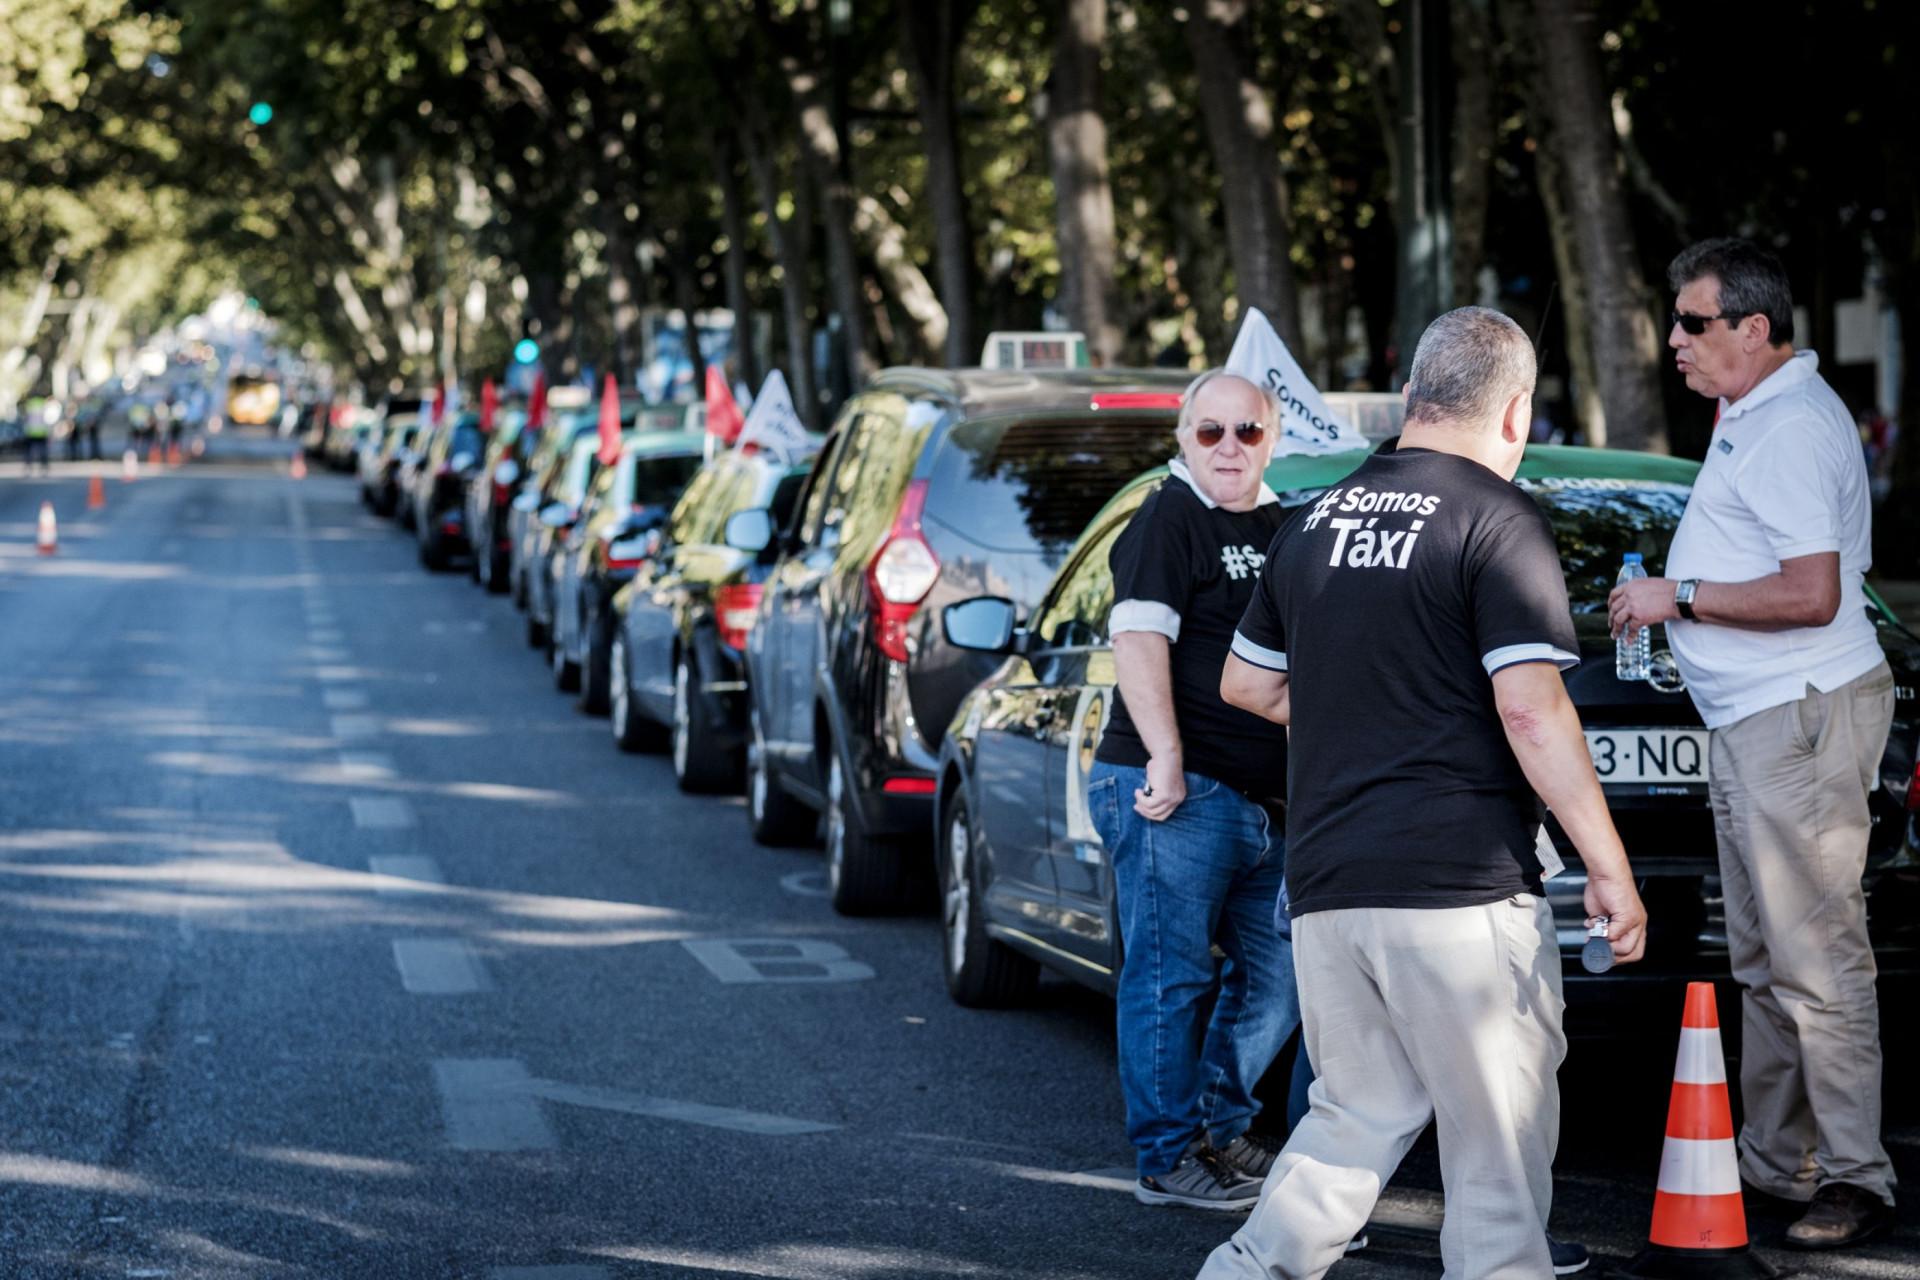 #Somos táxi: Preparados para tudo. As imagens do protesto dos taxistas